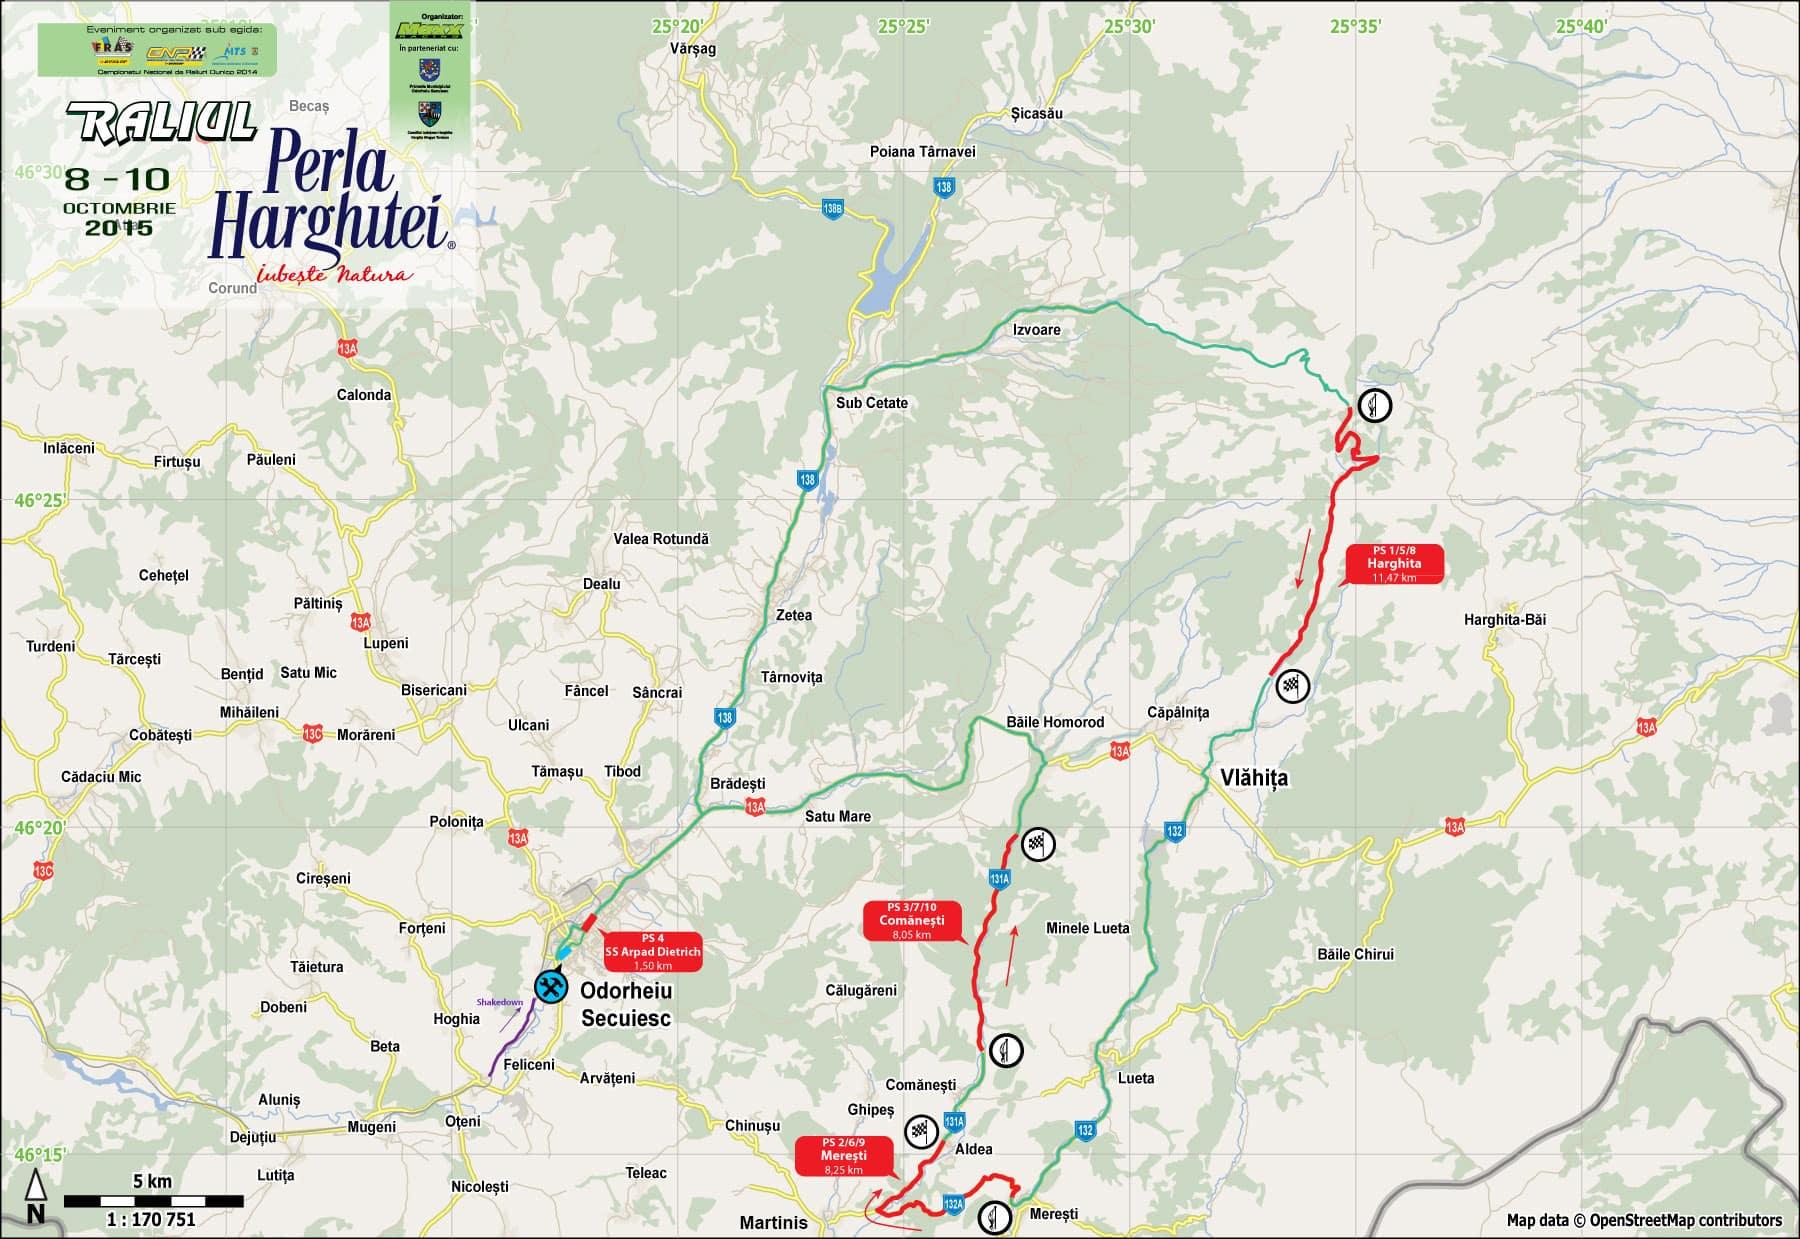 Harta generală - Raliul Harghitei 2015